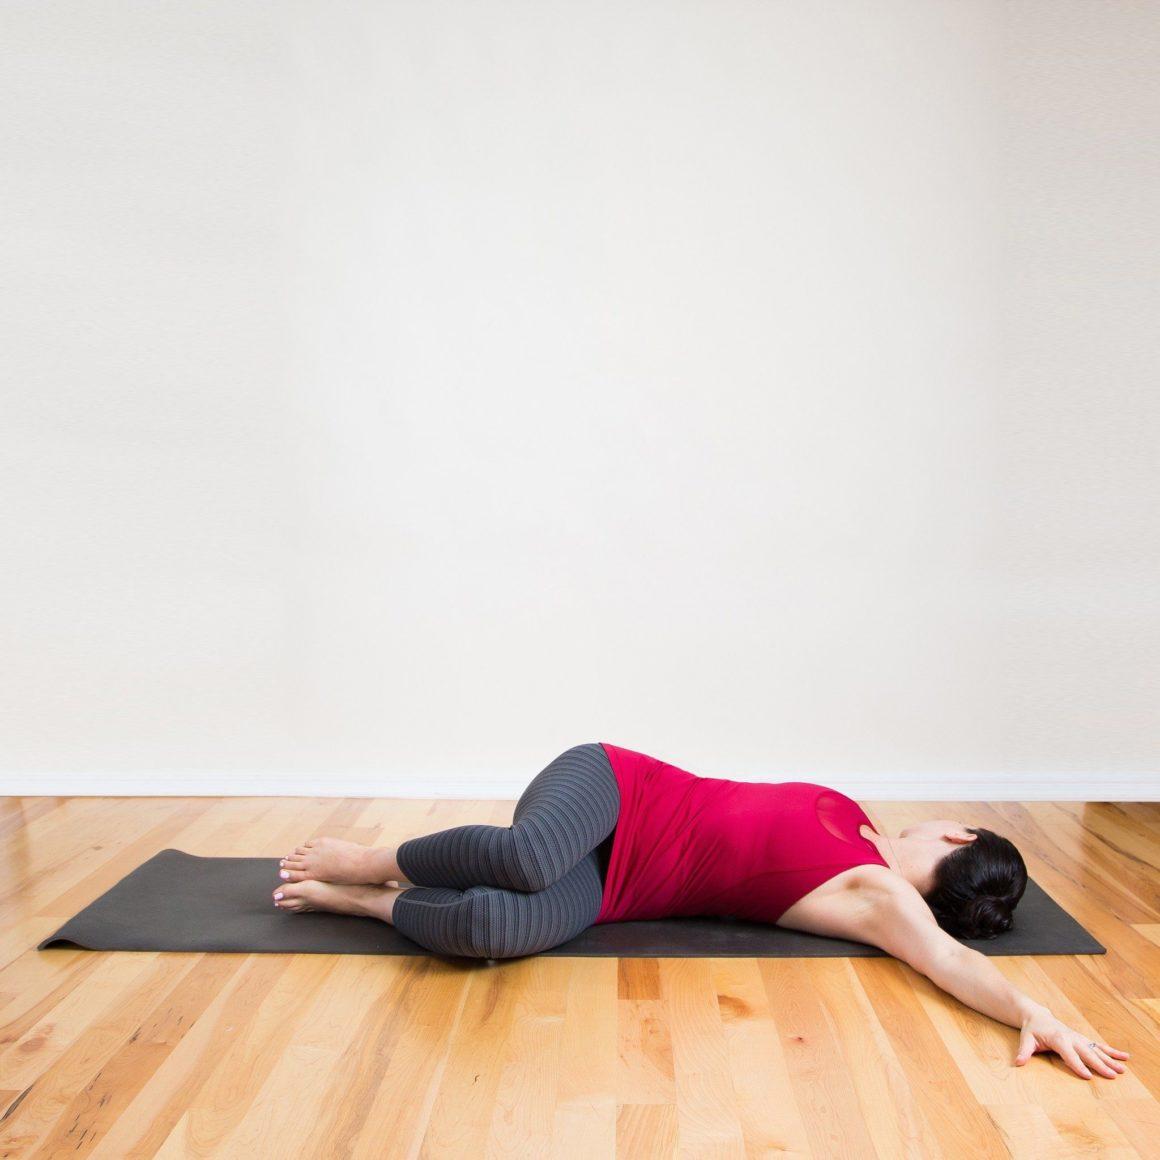 Мышечные боли  спазмы зажимы ломота  стресс без причины лечение болей спазмов мышц